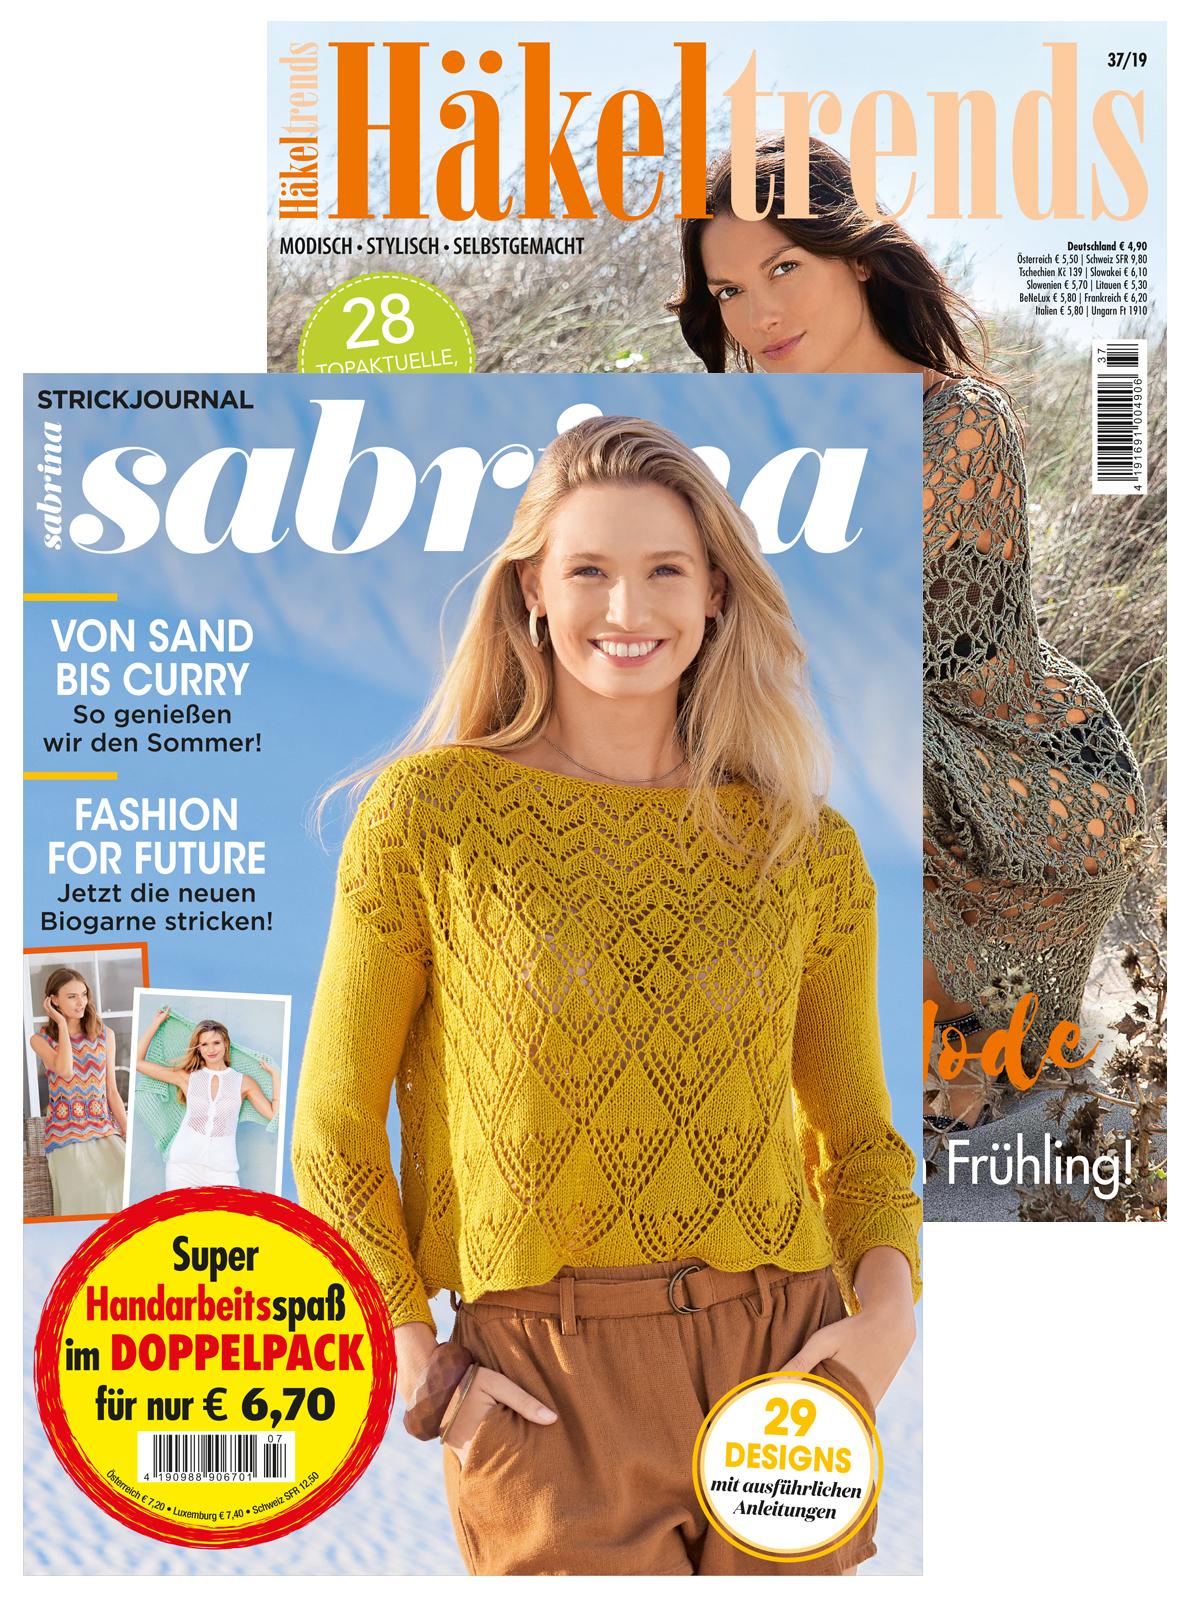 2 Zeitschriften: Sabrina Nr. 07/2020 und Häkeltrends Nr. 37/2019